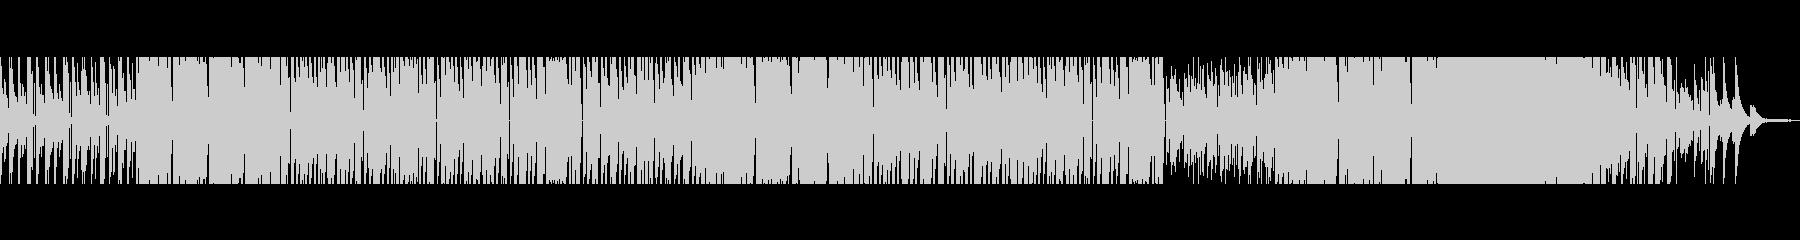 80年代風洋楽ポップロックインストの未再生の波形